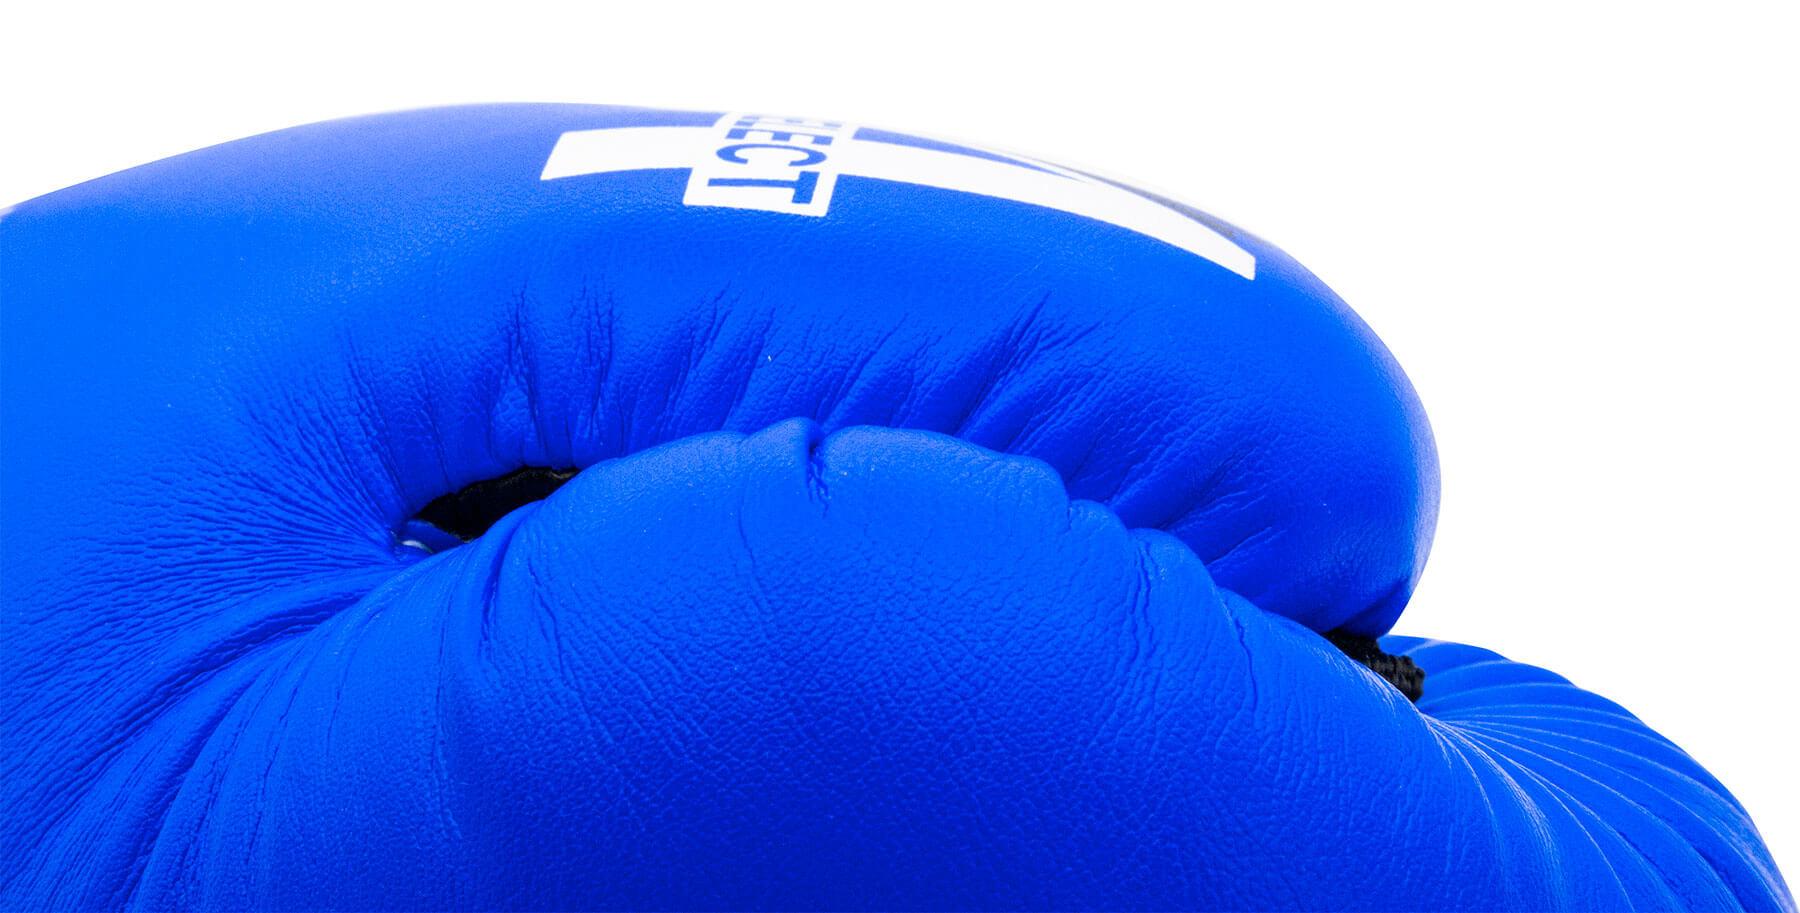 4select nubuk blau detail 1